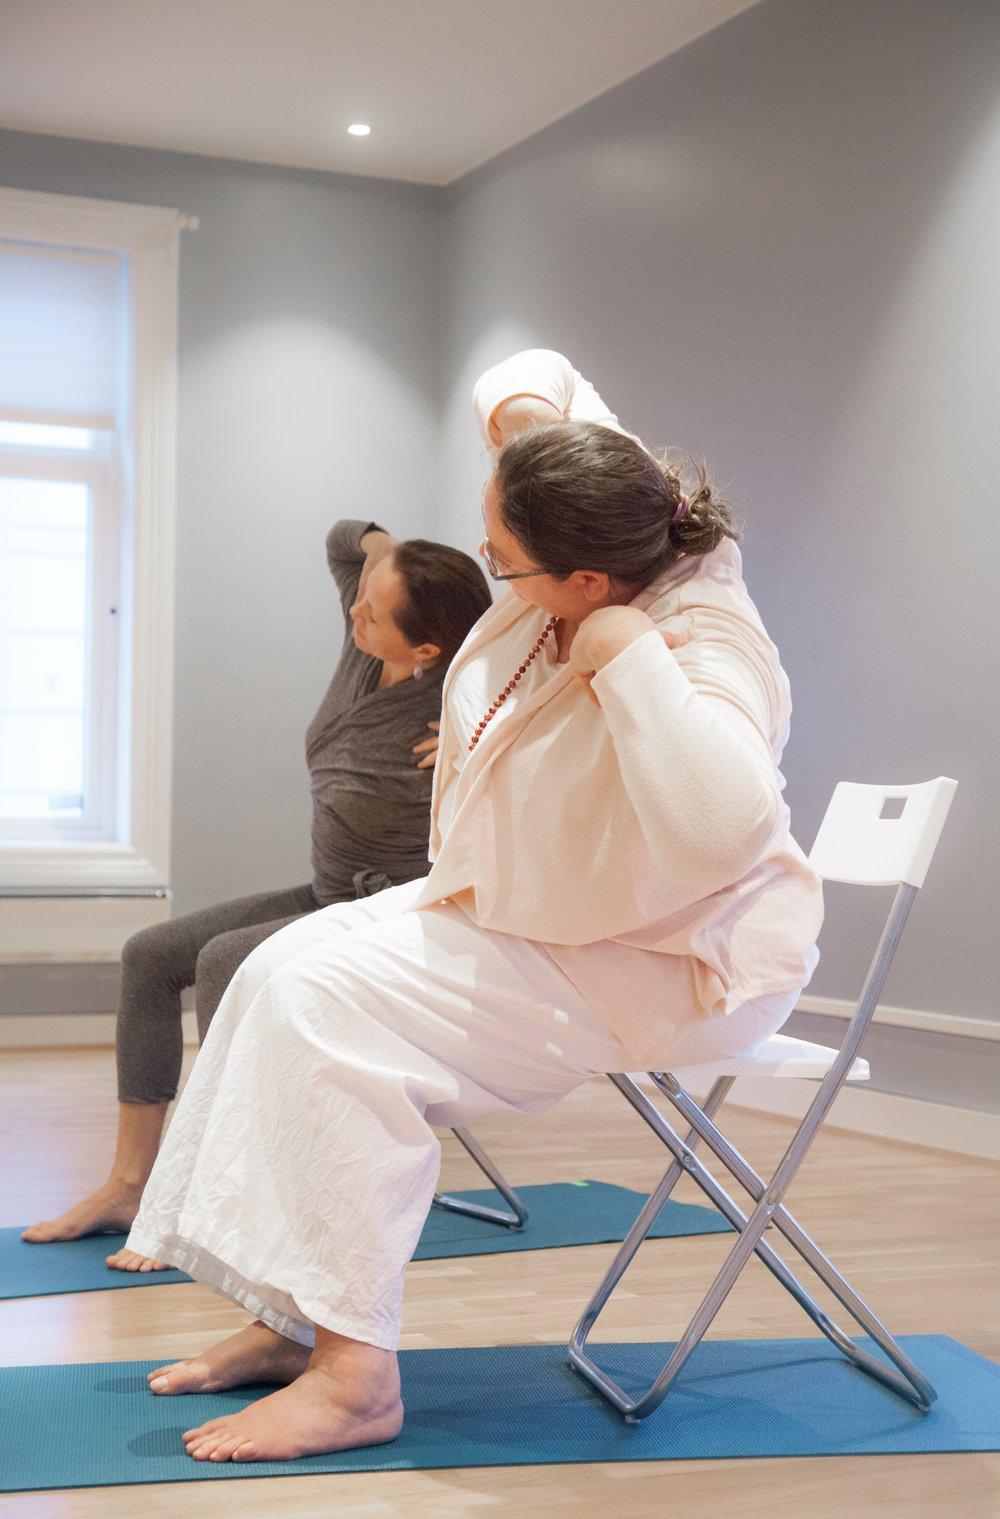 (Foto: Thomas Bell)   Yogalærer Siri Preetam   Siri er fra Tyskland og er mor til 2 sønner. Hun er Kundalini Yogalærer, Gravid Yogalærer og Naad Yogalærer. Siri har undervist yoga i 20 år og er en svært erfaren yogi. Siri forstår godt norsk, men vil undervise på engelsk da hun ikke er helt komfortabel med å snakke norsk enda.